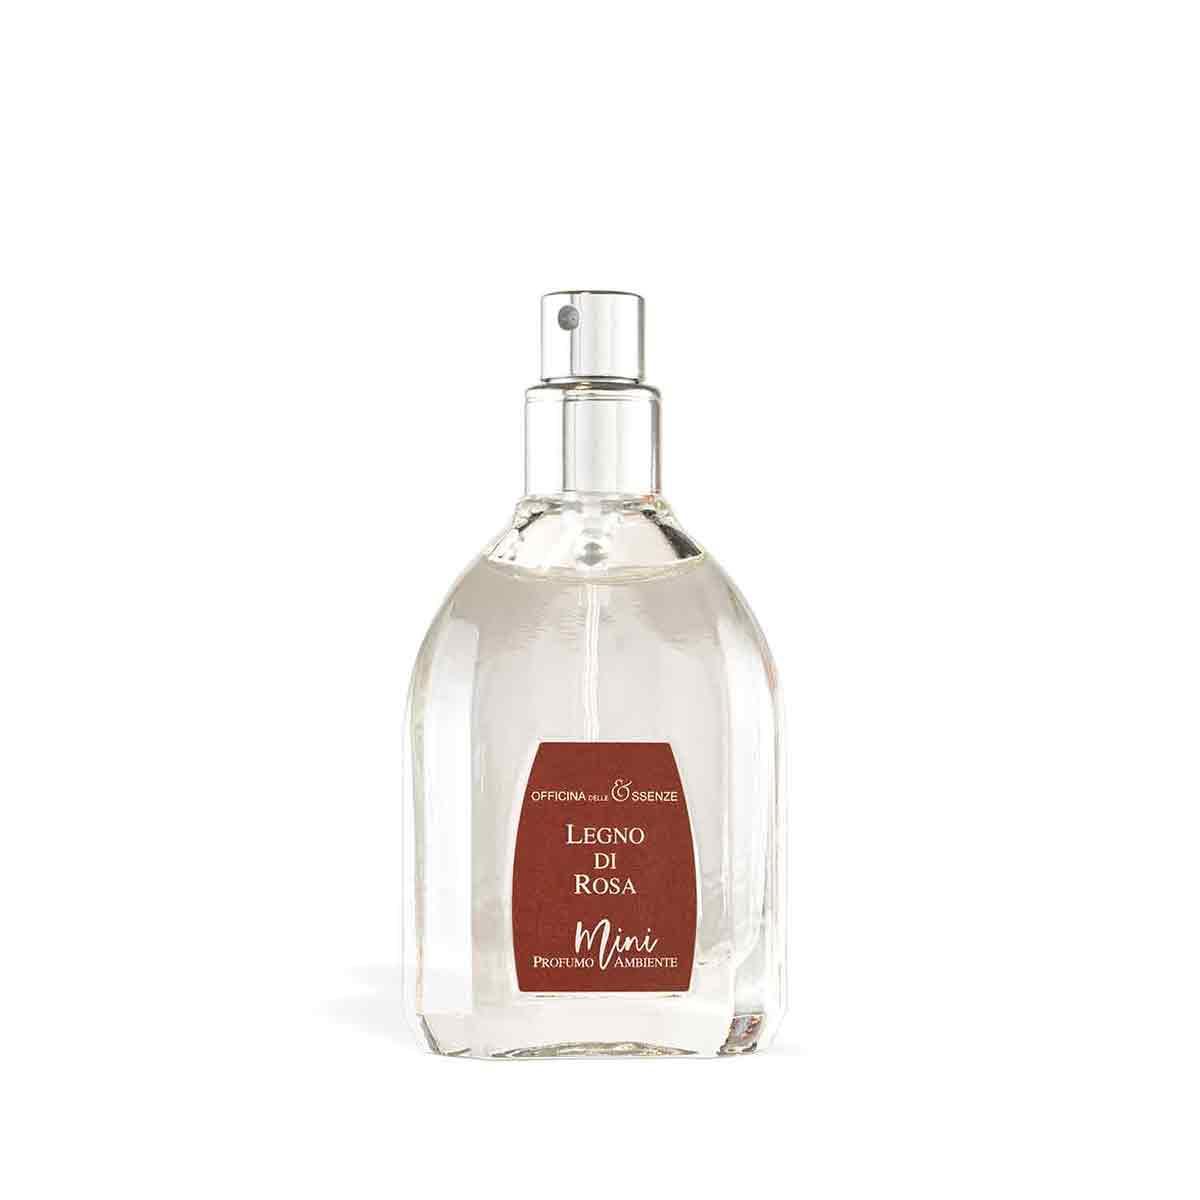 Mini profumo ambiente Legno di Rosa da 25 ml